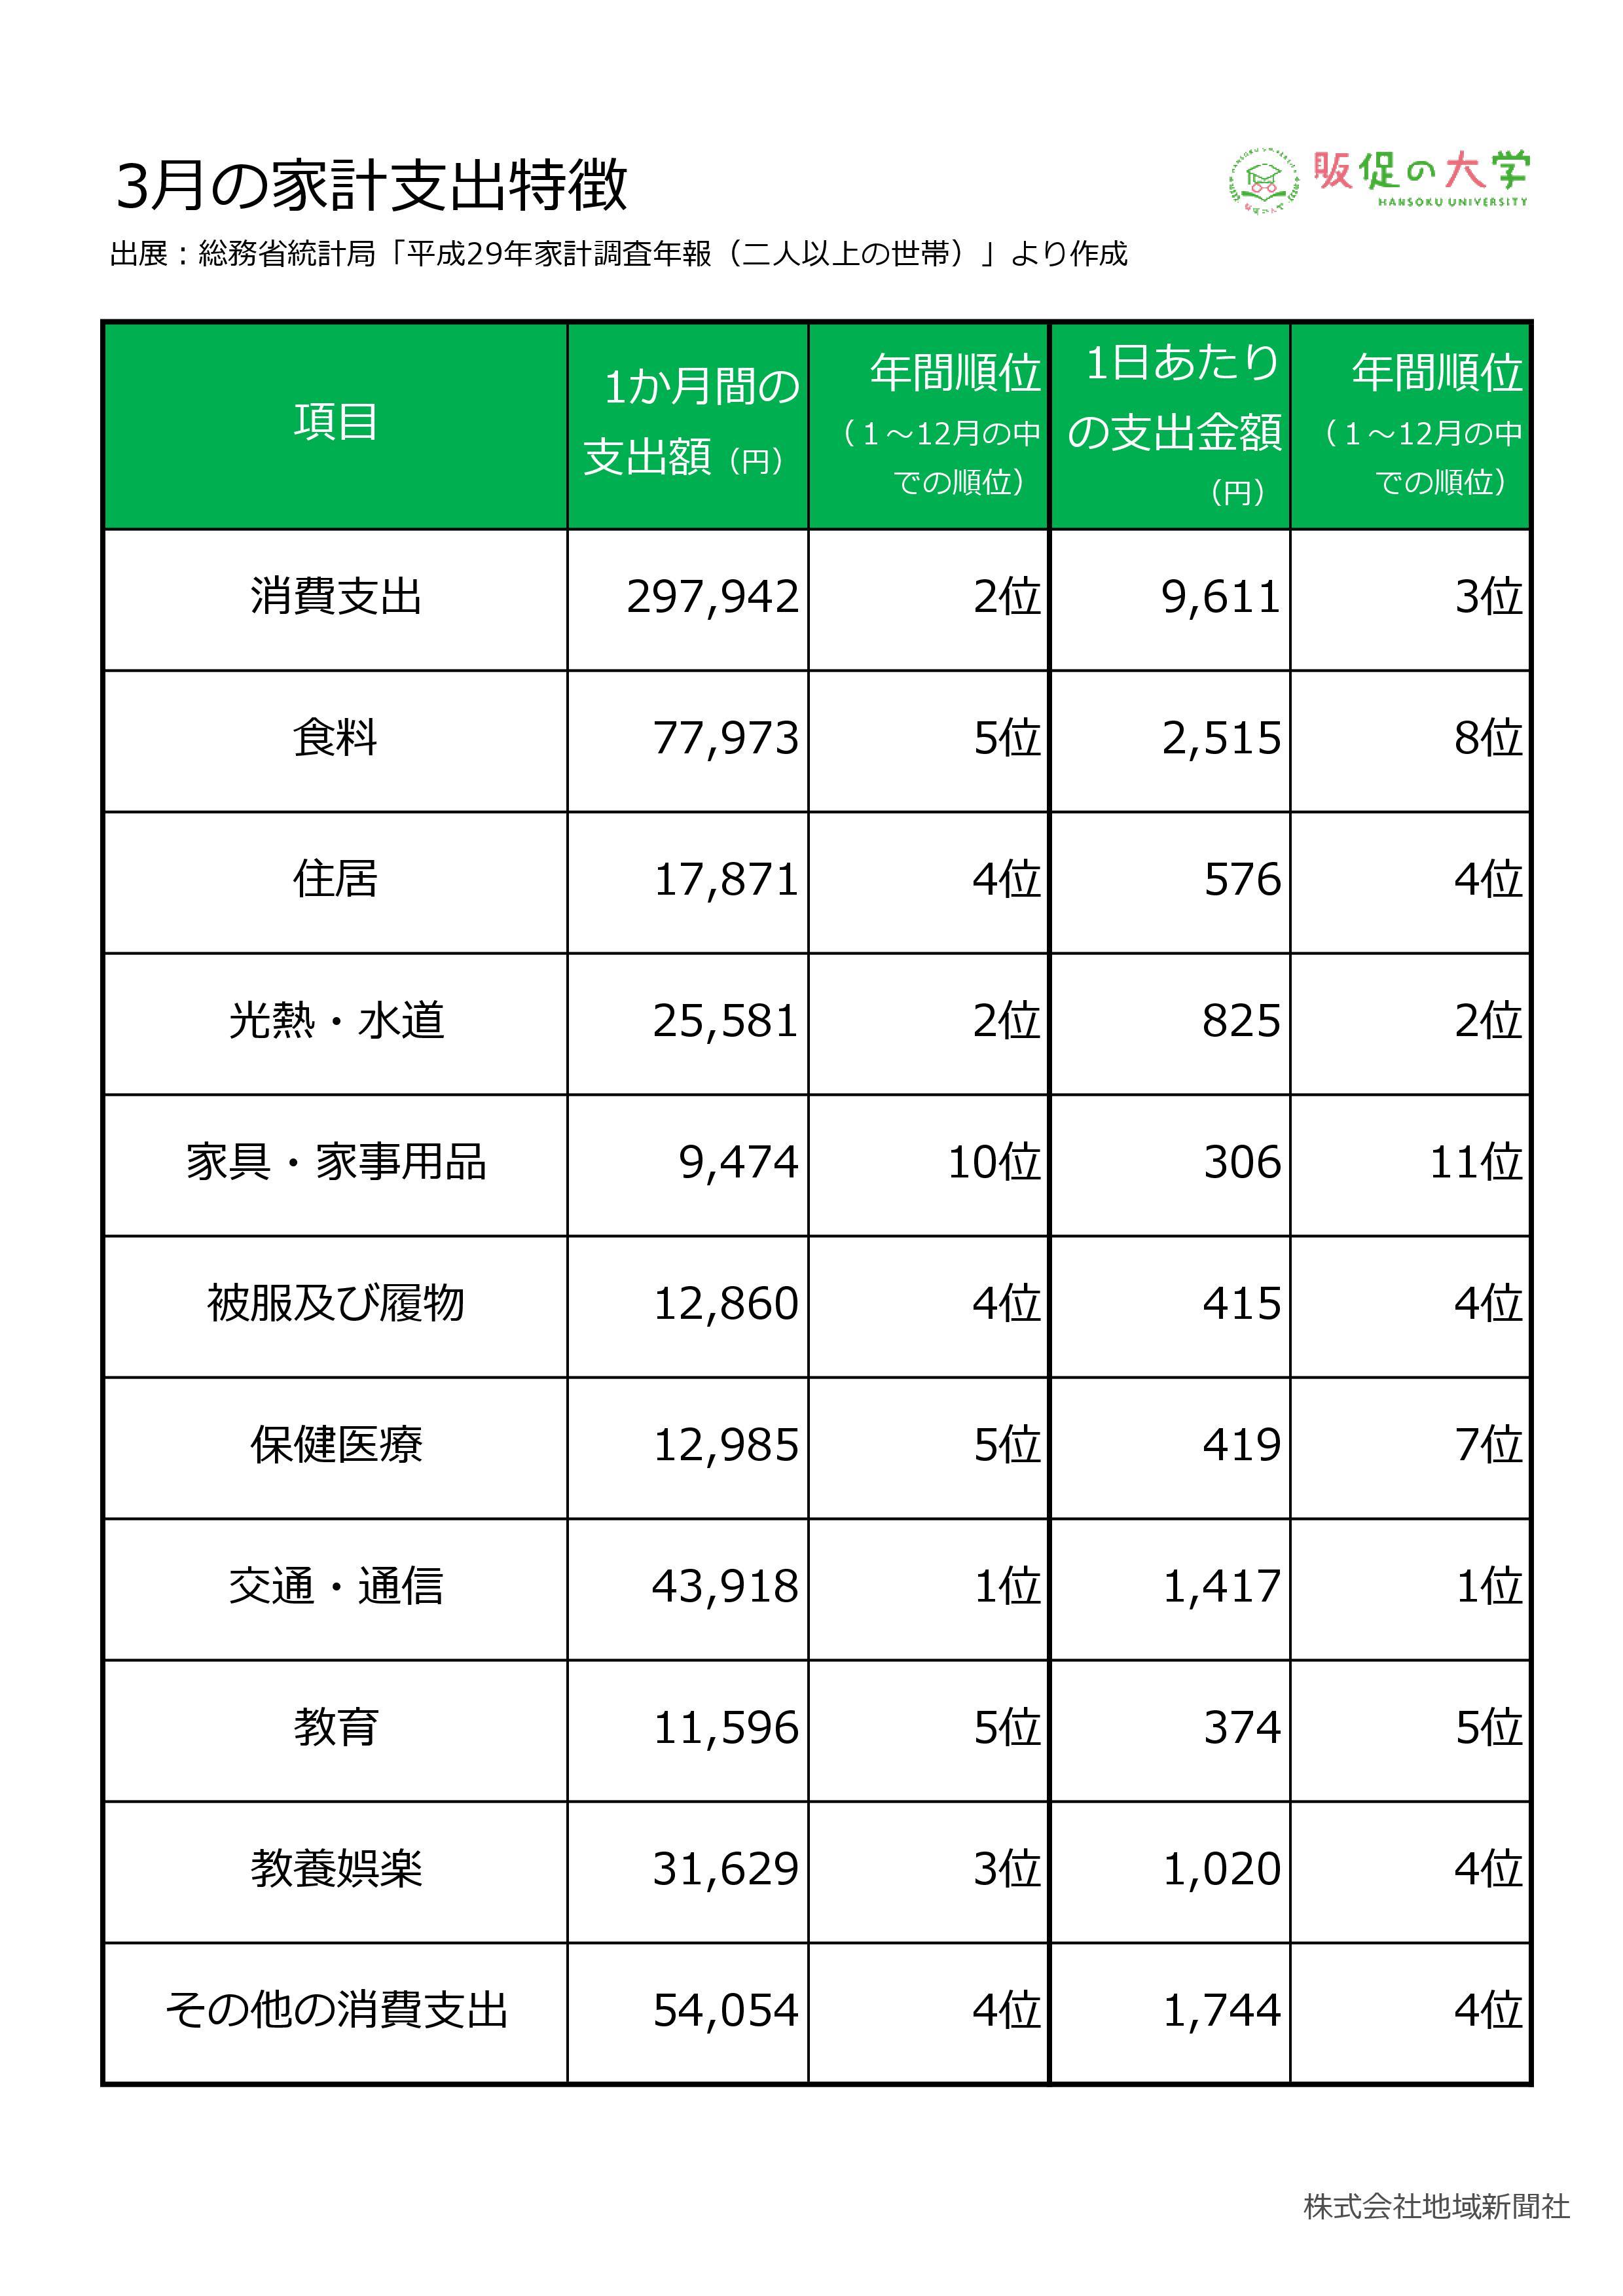 2019年3月の家計支出特徴